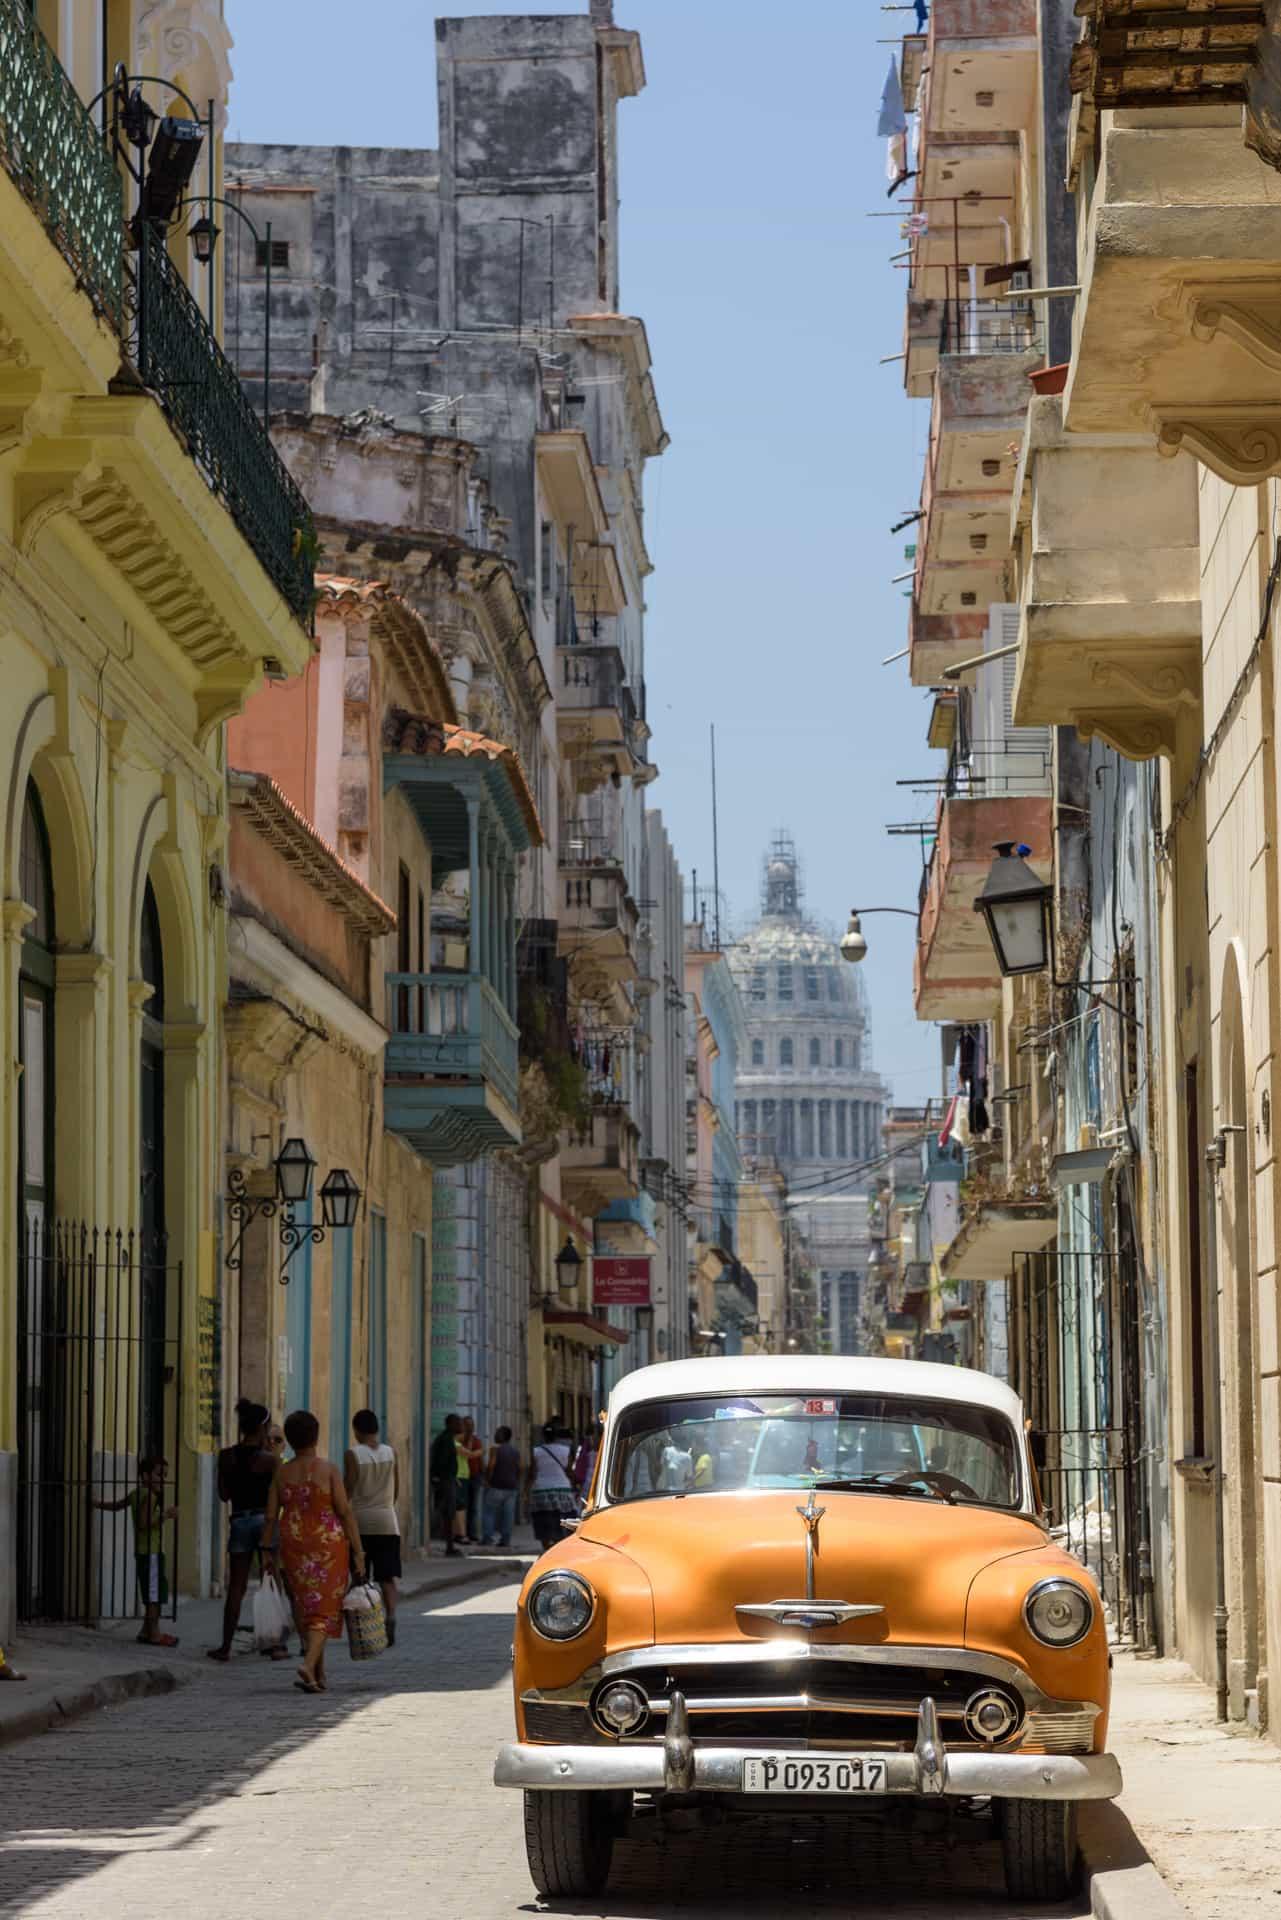 cuba_lahavana_street_www-pixinn-net